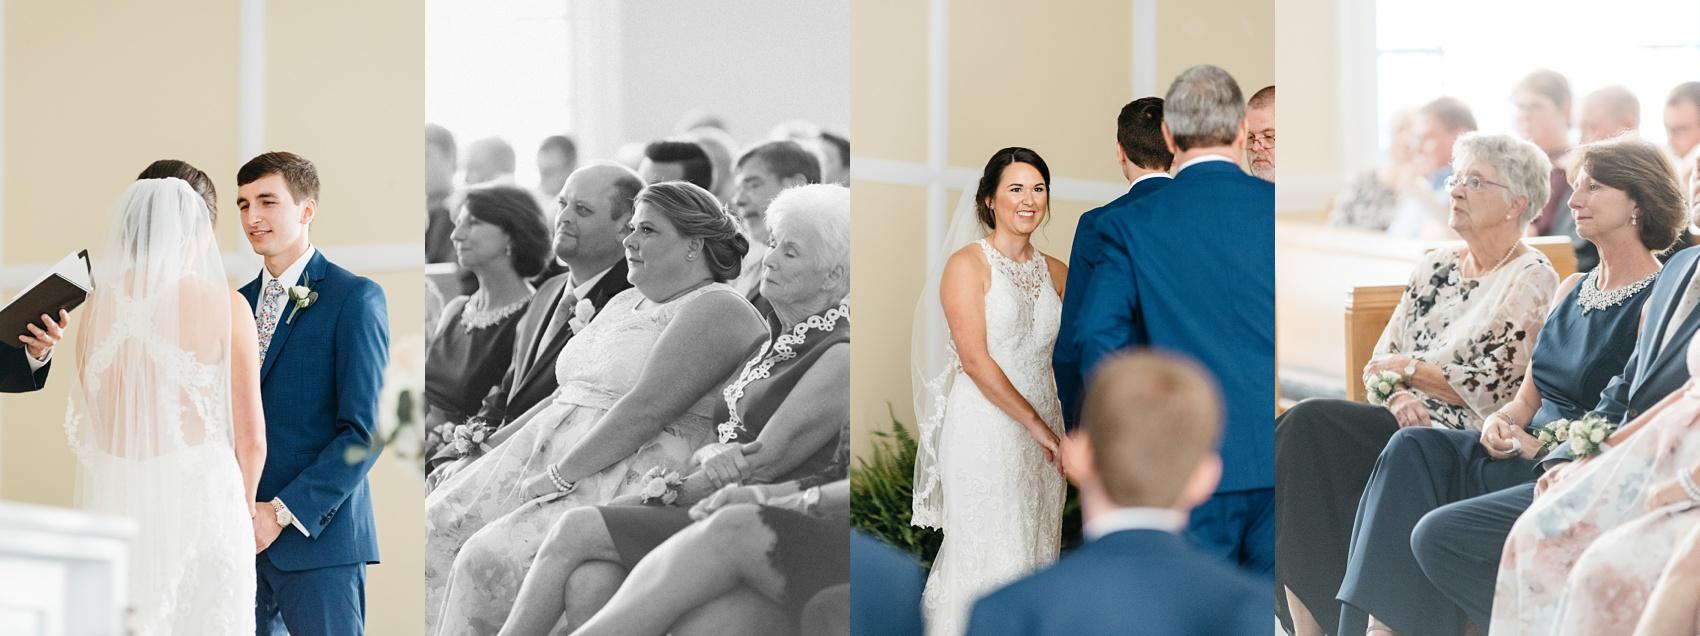 aiken-wedding-photographer_6560.jpg